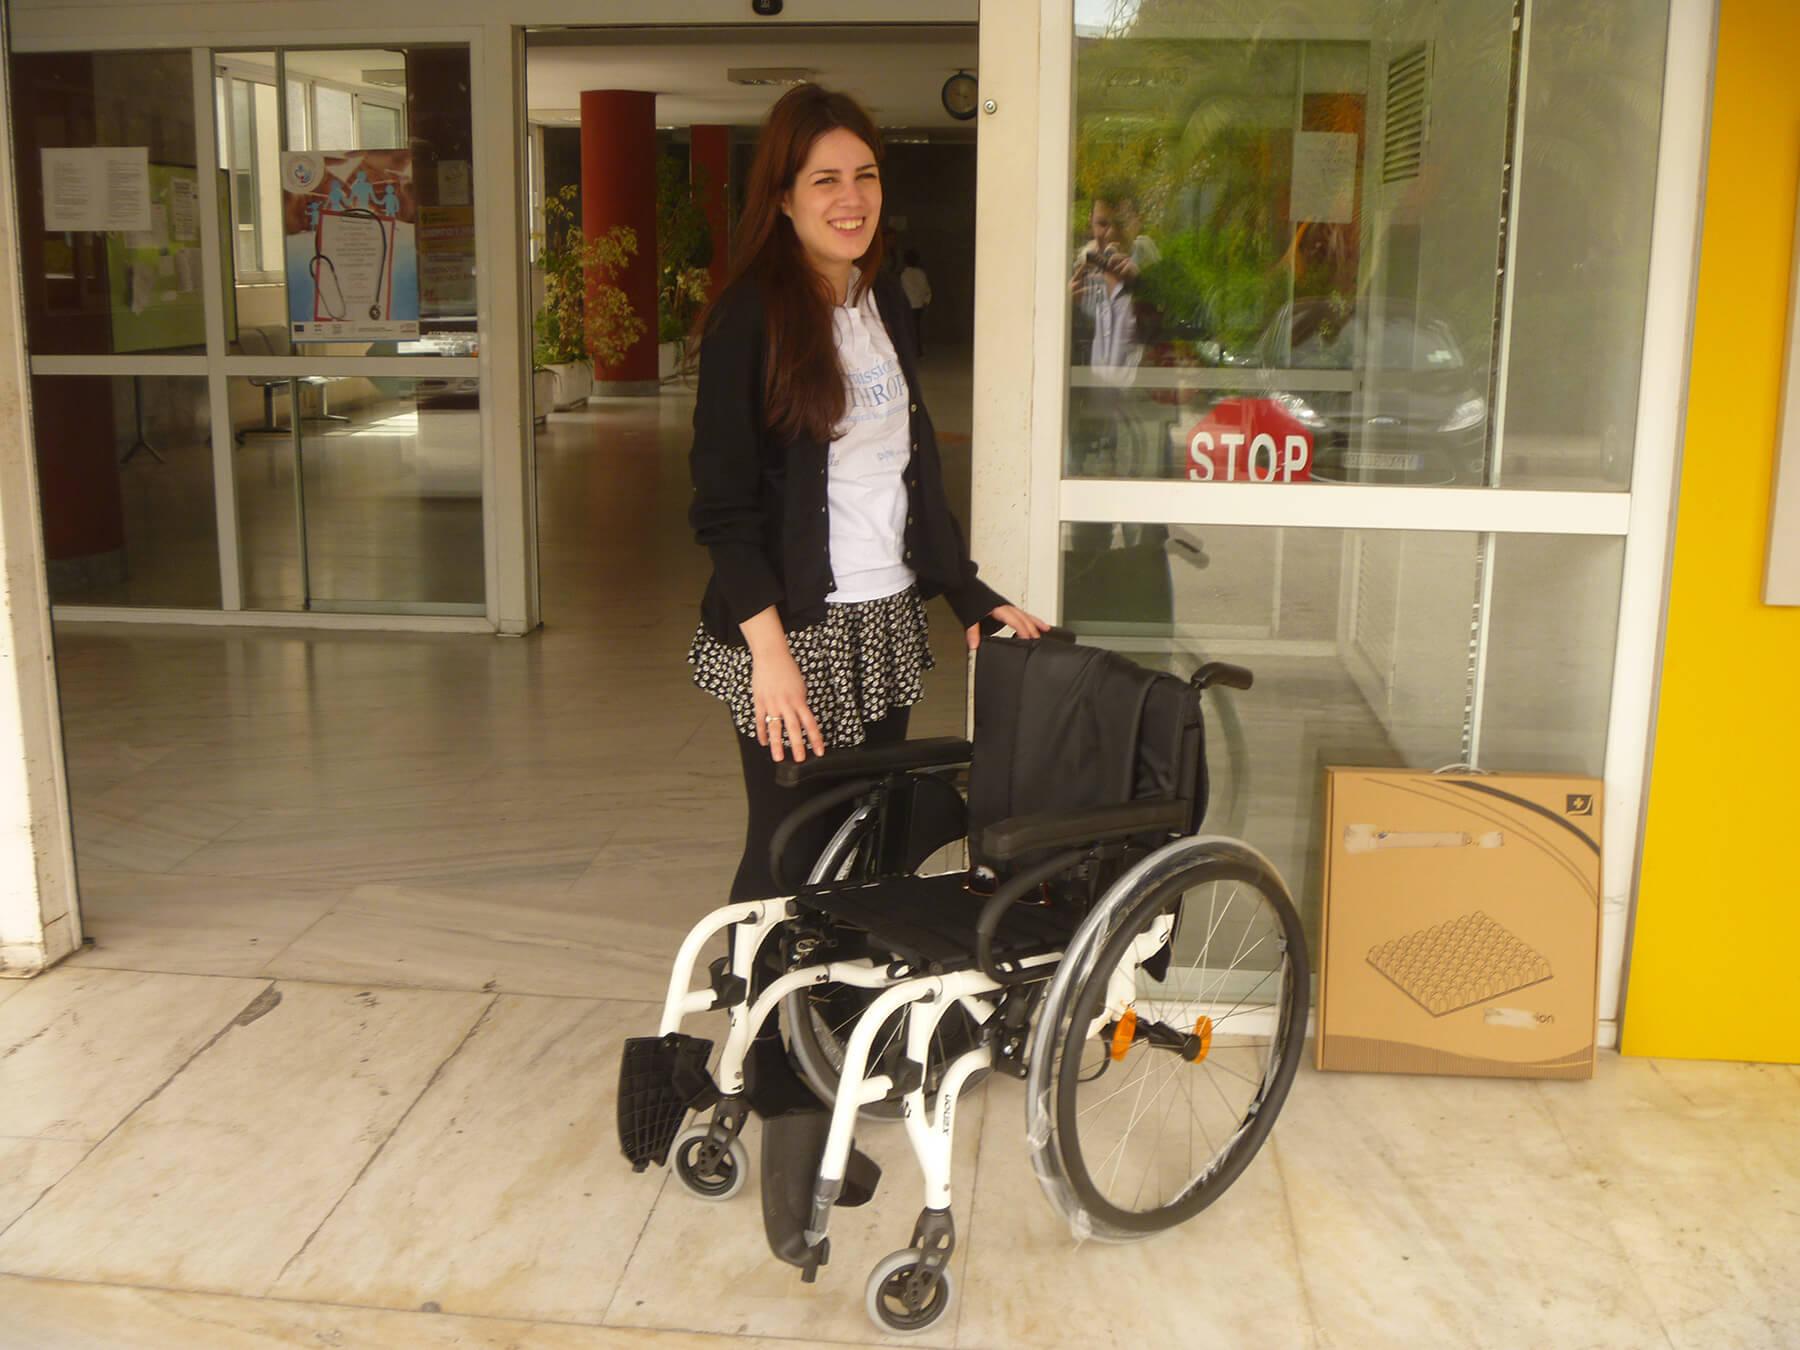 Στηρί-ζουμε: Ιατροφαρμακευτική φροντίδα για όλους